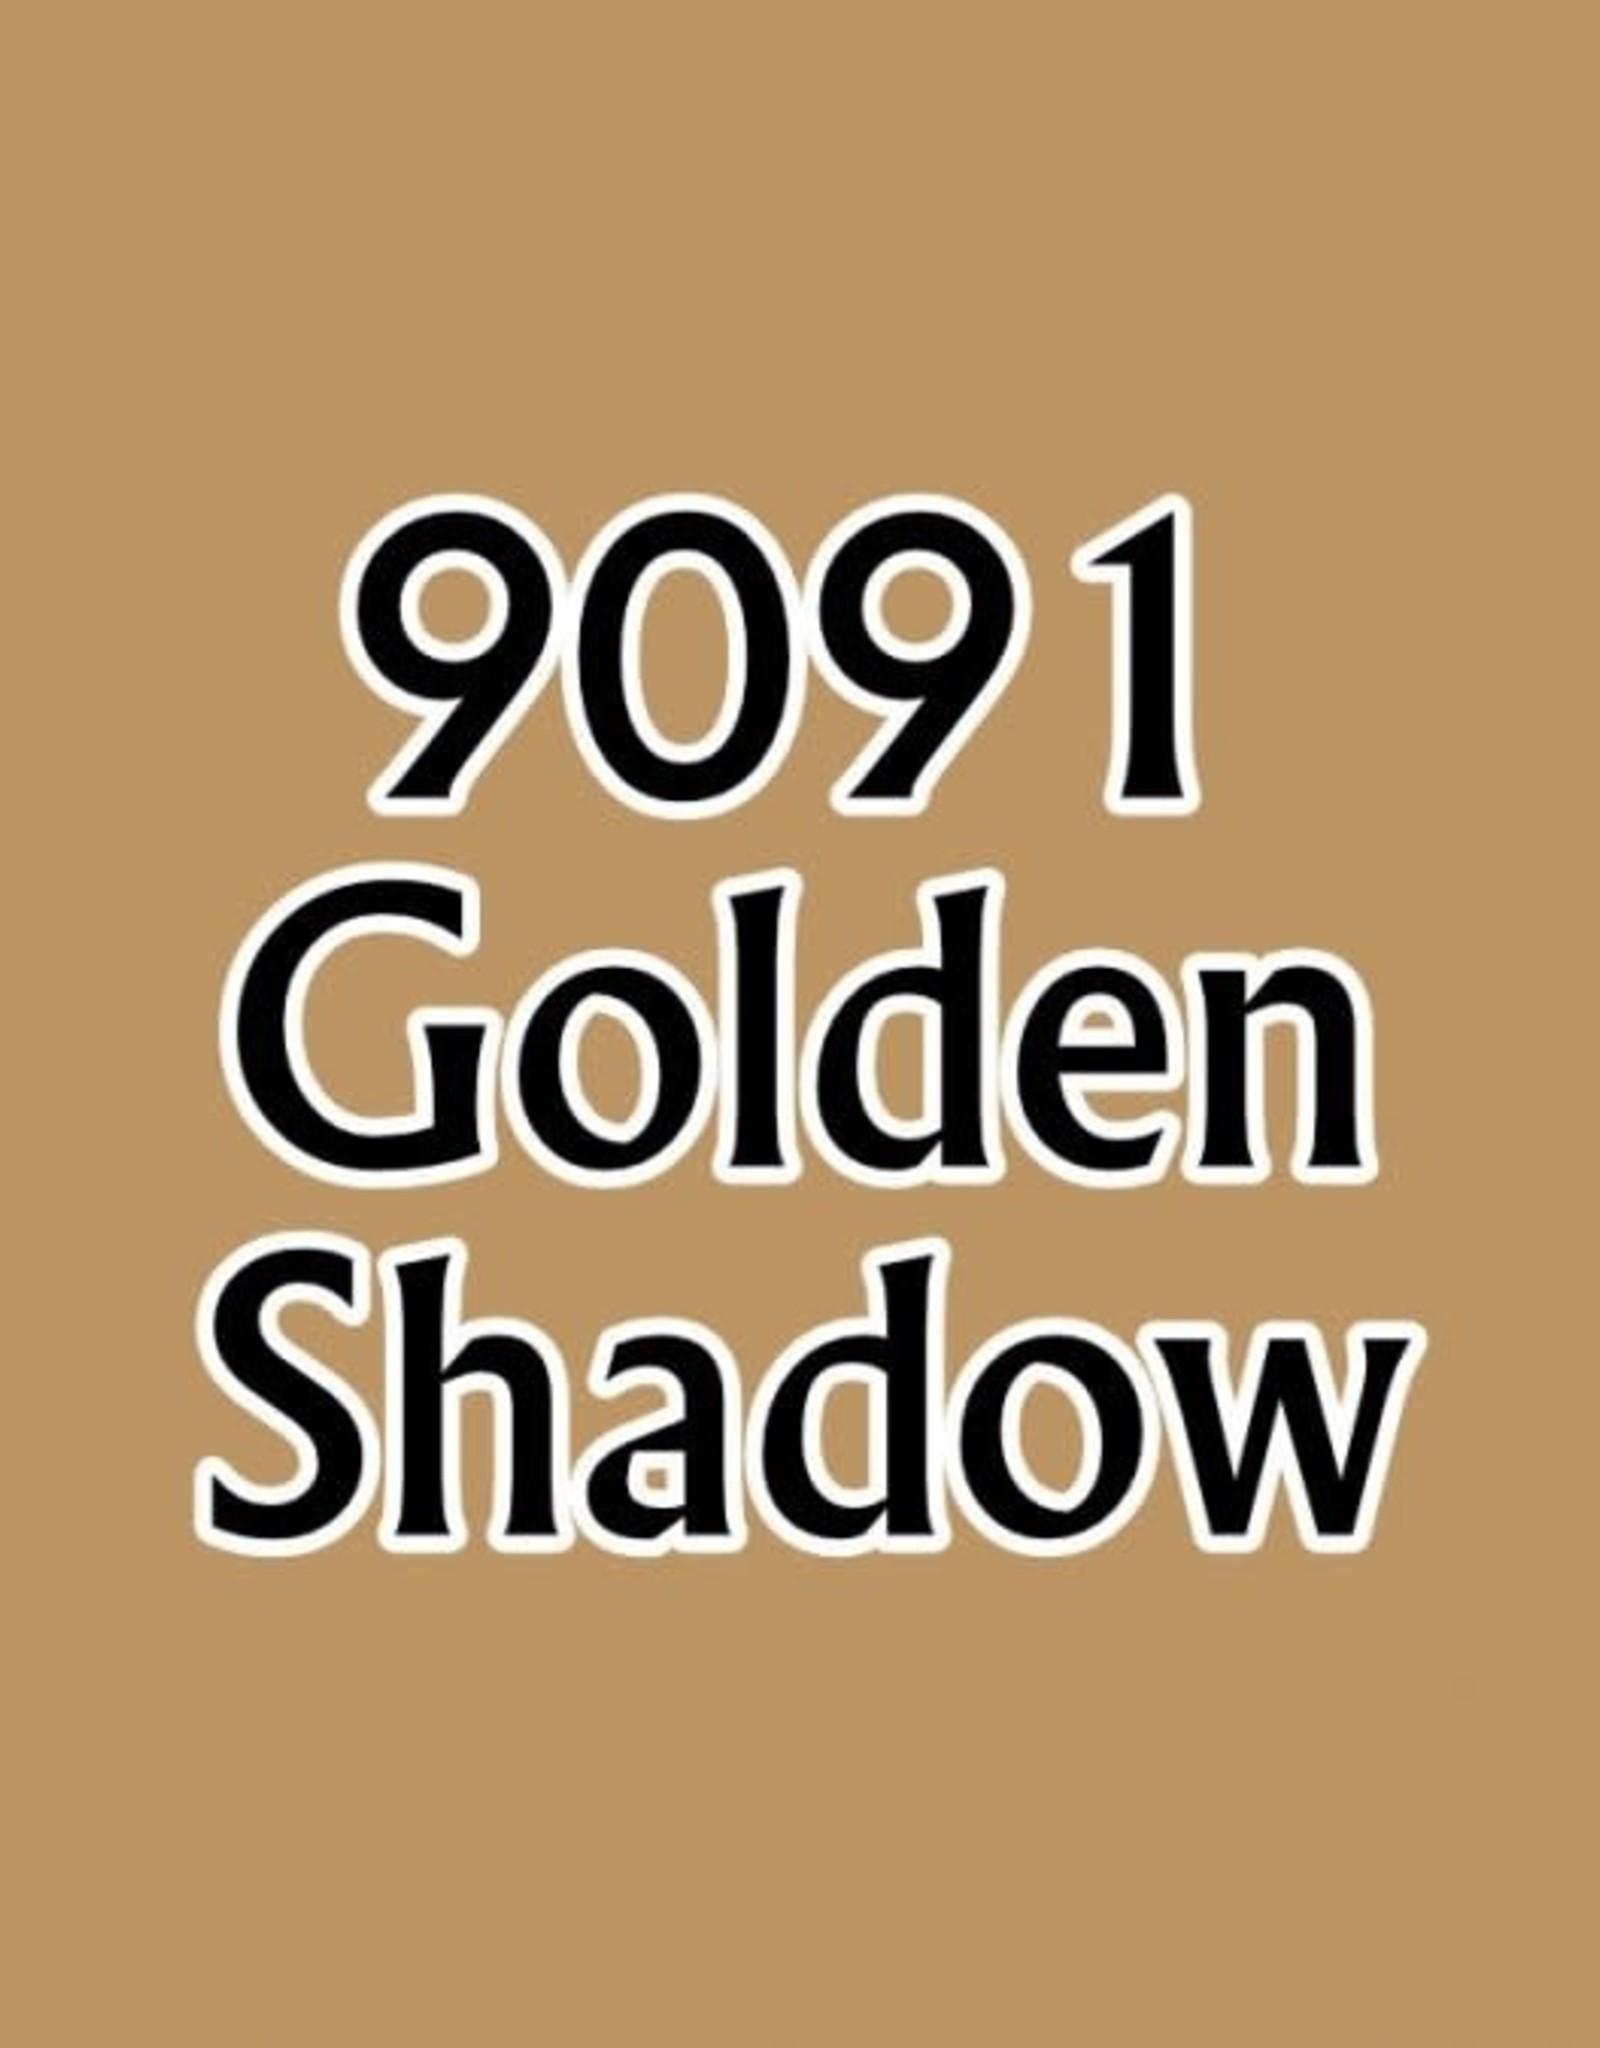 Reaper Golden Shadow